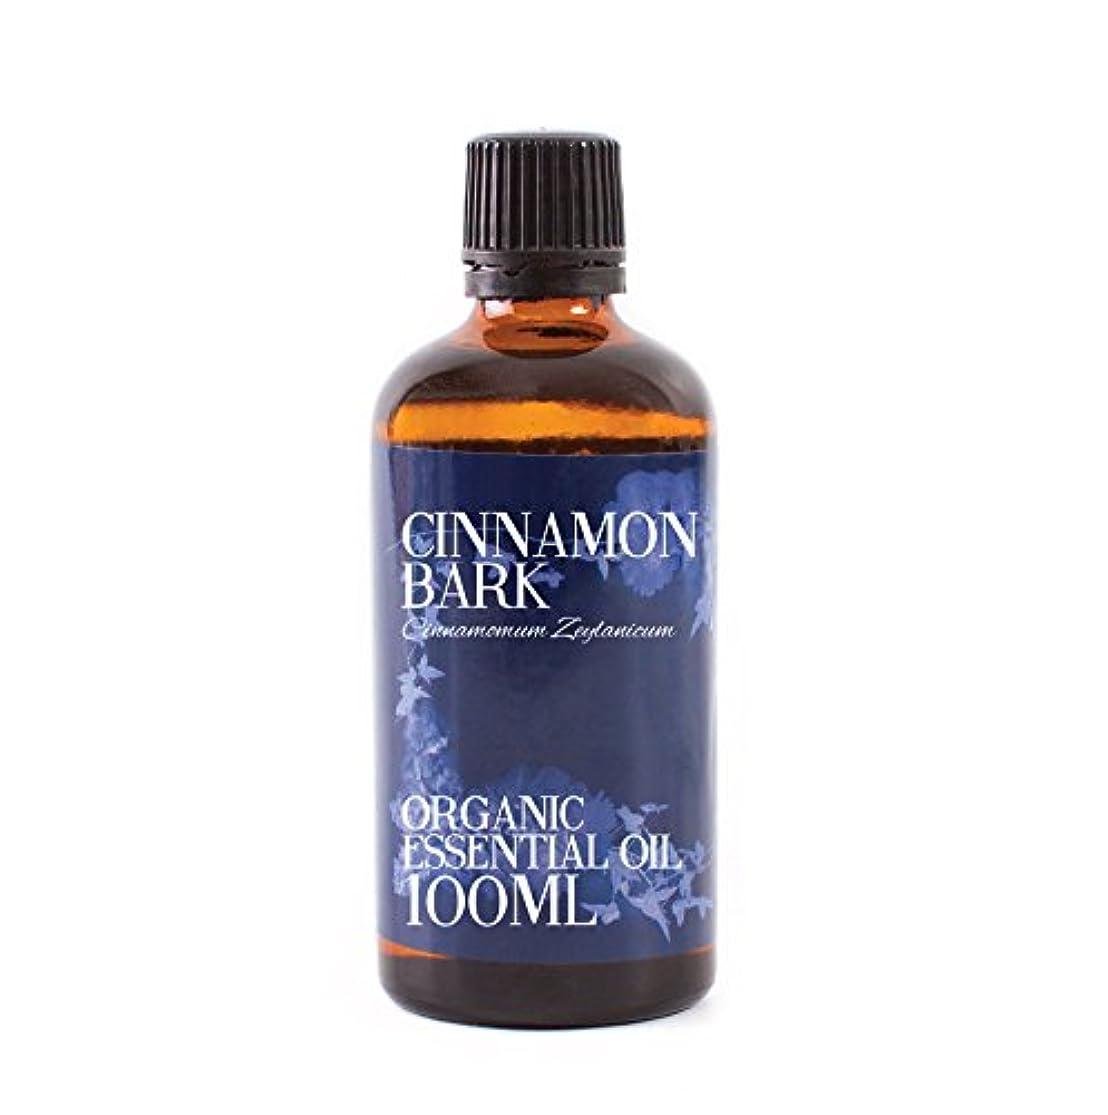 ジュニア苦しみ刺激するMystic Moments | Cinnamon Bark Organic Essential Oil - 100ml - 100% Pure